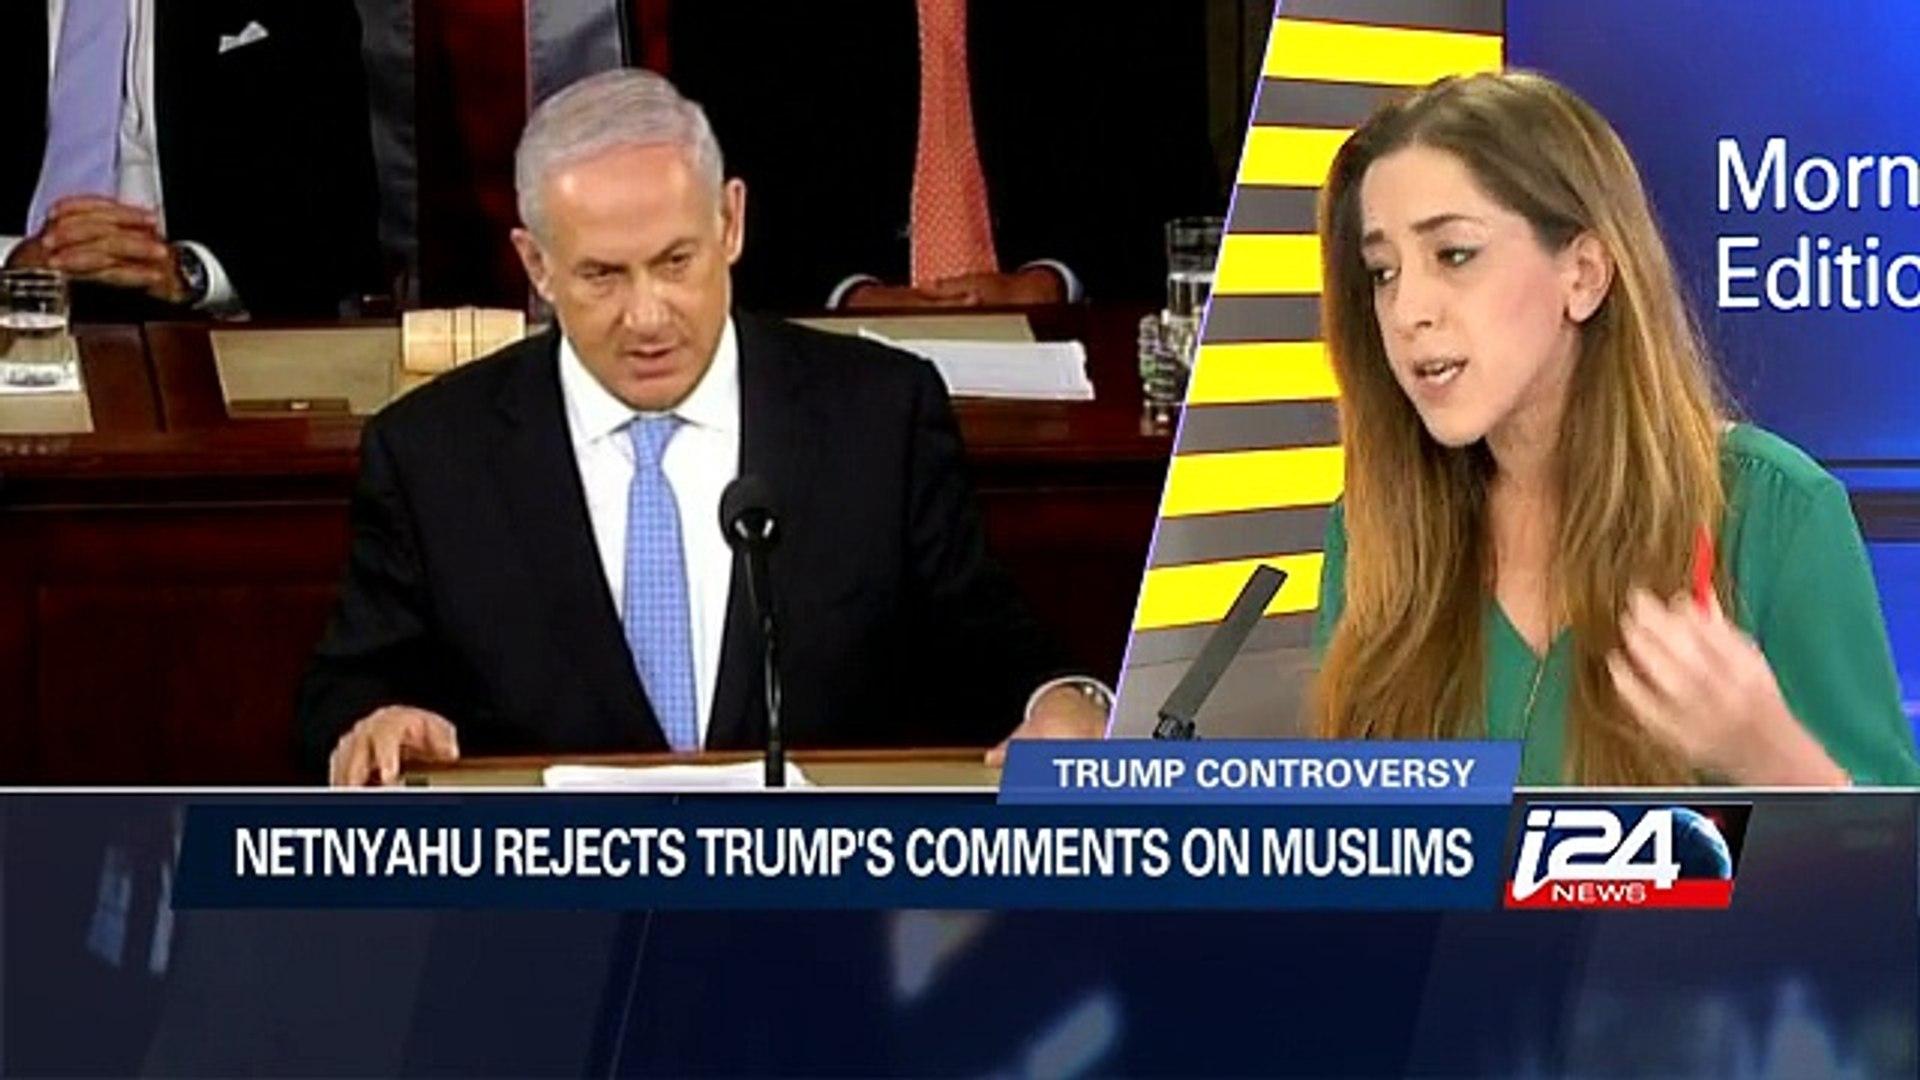 Trump Controversy: D. Trump cancels visit to Israel